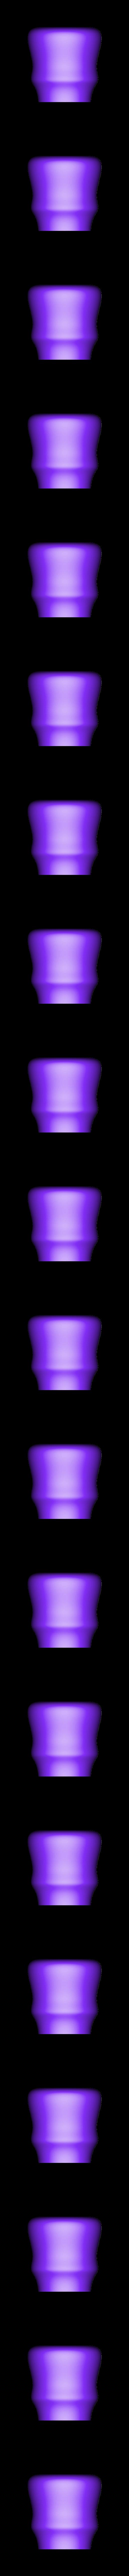 knob1.STL Télécharger fichier STL gratuit Imprimante à pochoir • Objet pour imprimante 3D, perinski